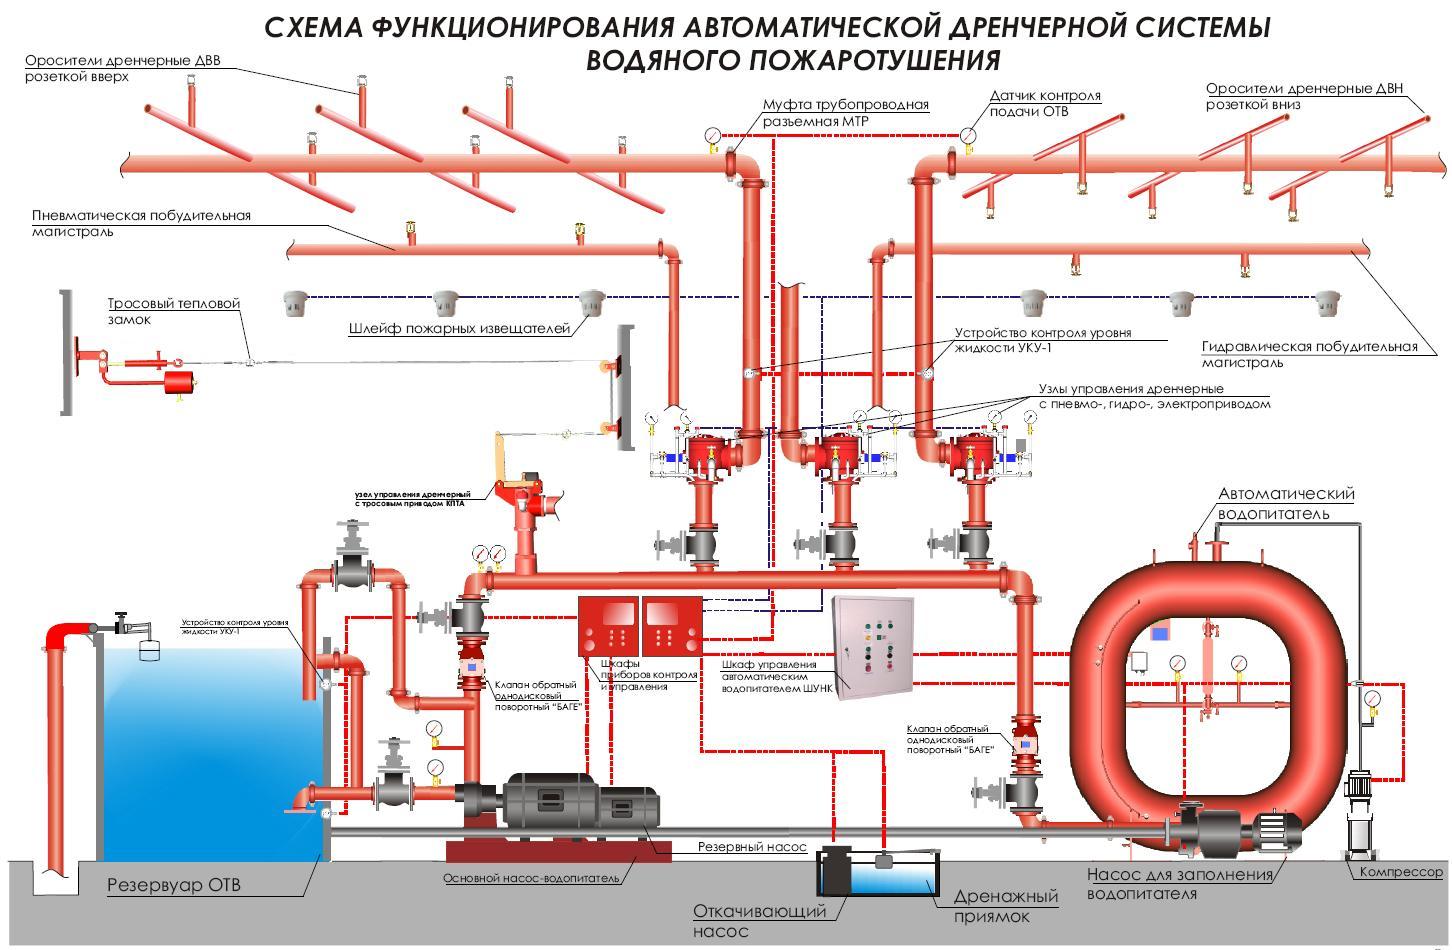 водная система пожаротушения